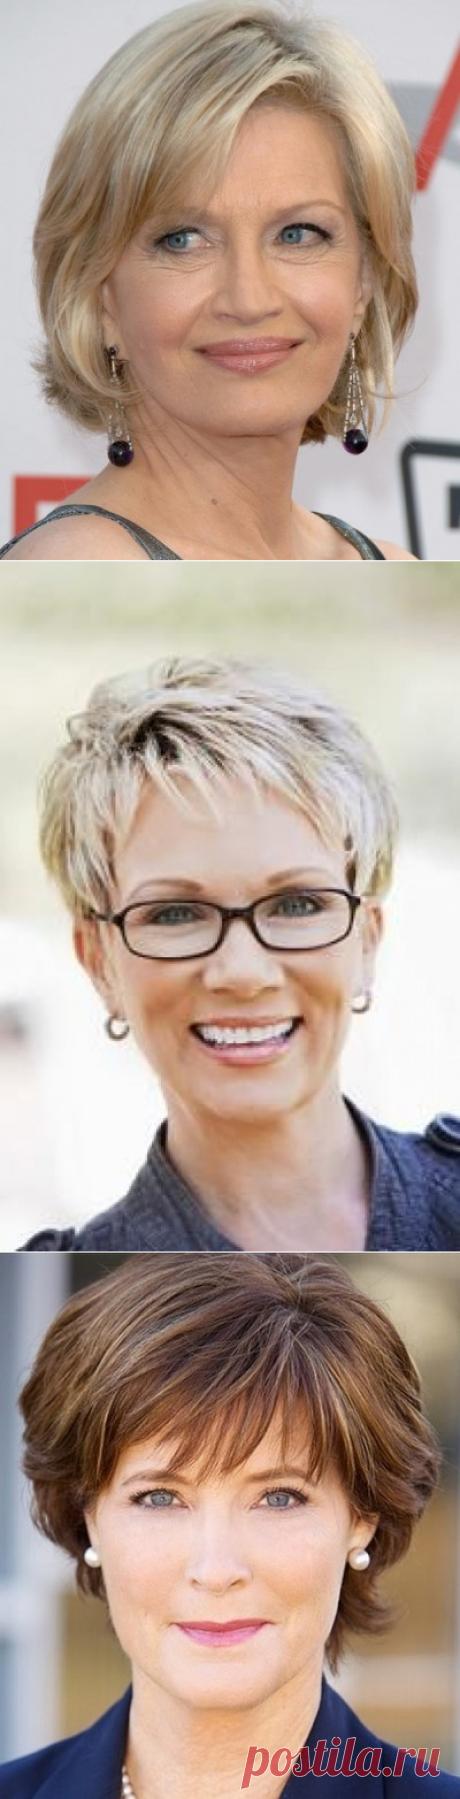 Прически на короткие волосы для женщин за 40 лет фото варианты - 20 Июня 2014 - Прически, Стрижки 2015-2016 - Модные красивые прически и стрижки 2016 фото видео